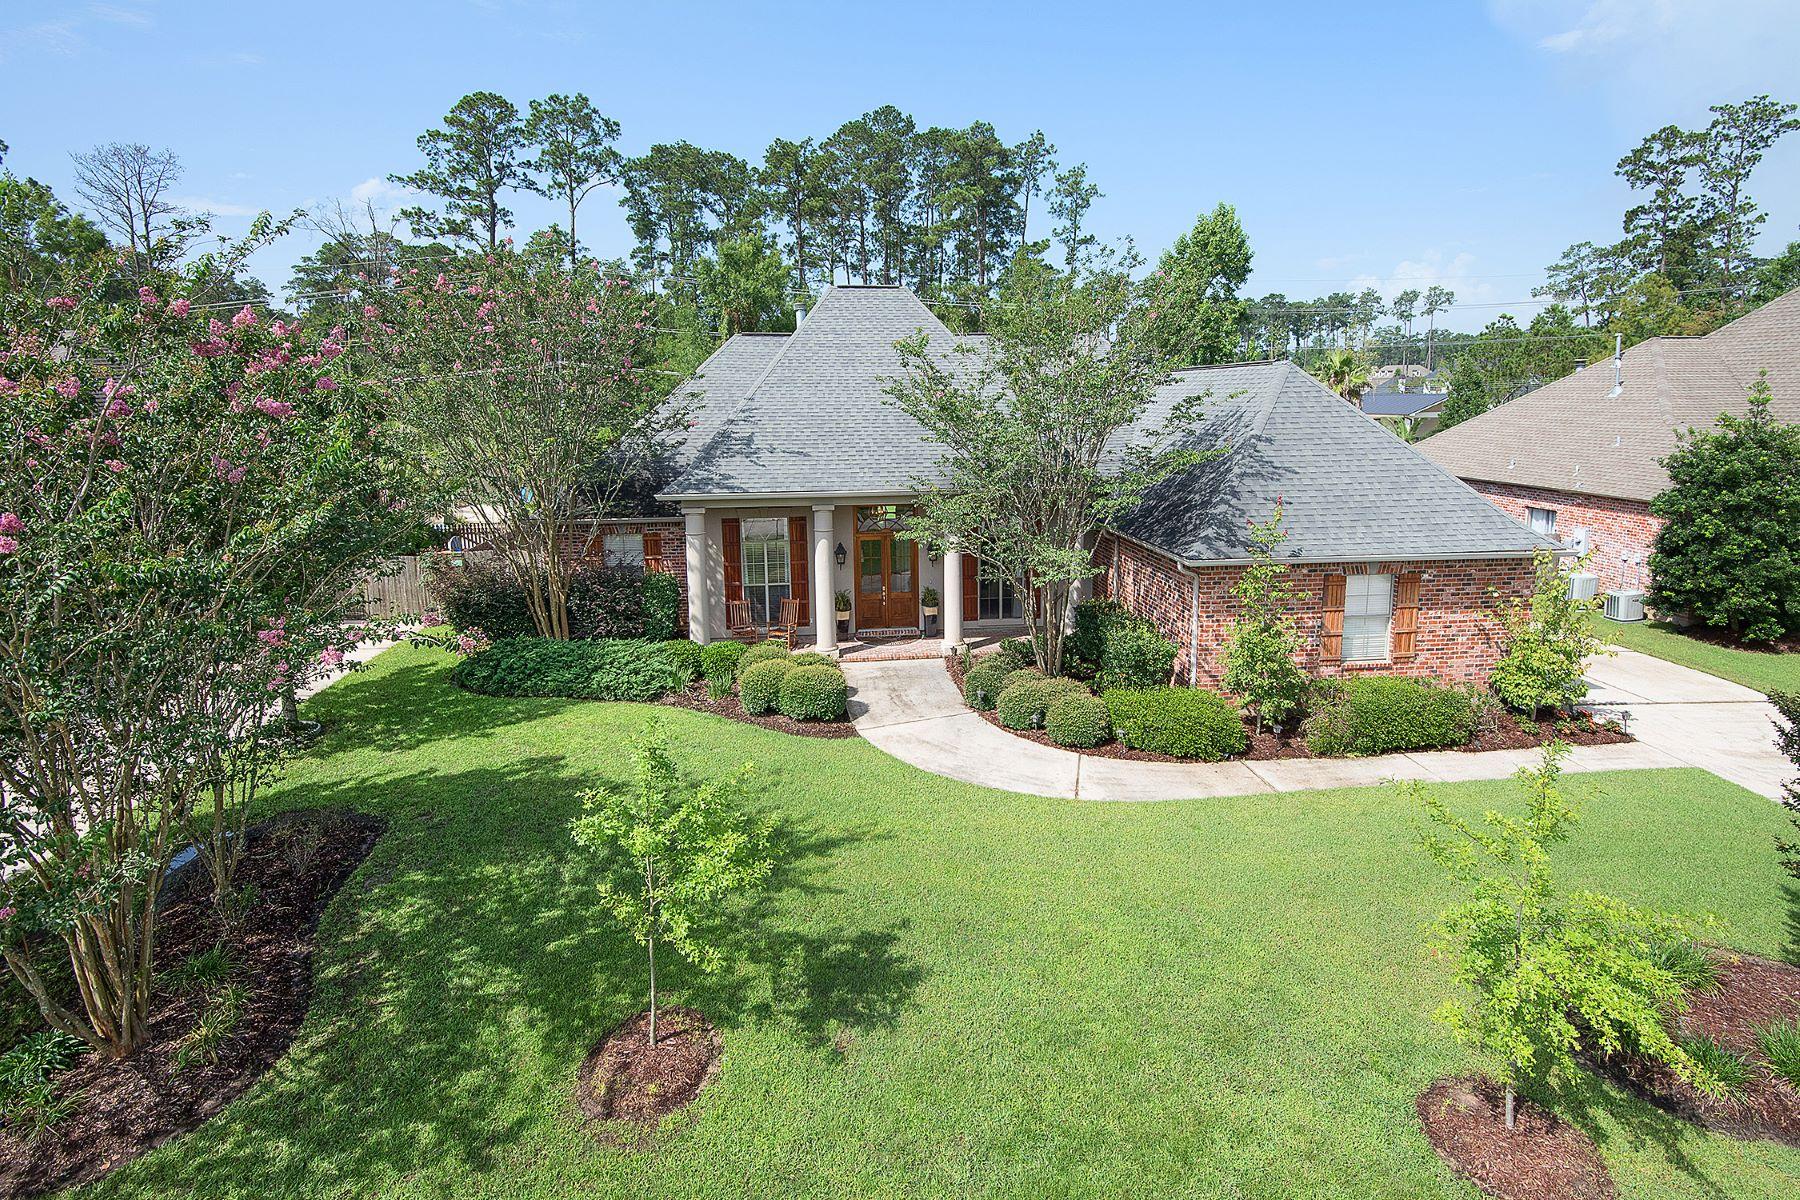 Maison unifamiliale pour l Vente à French Country in Woodstone 26 Tara Lane Mandeville, Louisiana, 70471 États-Unis